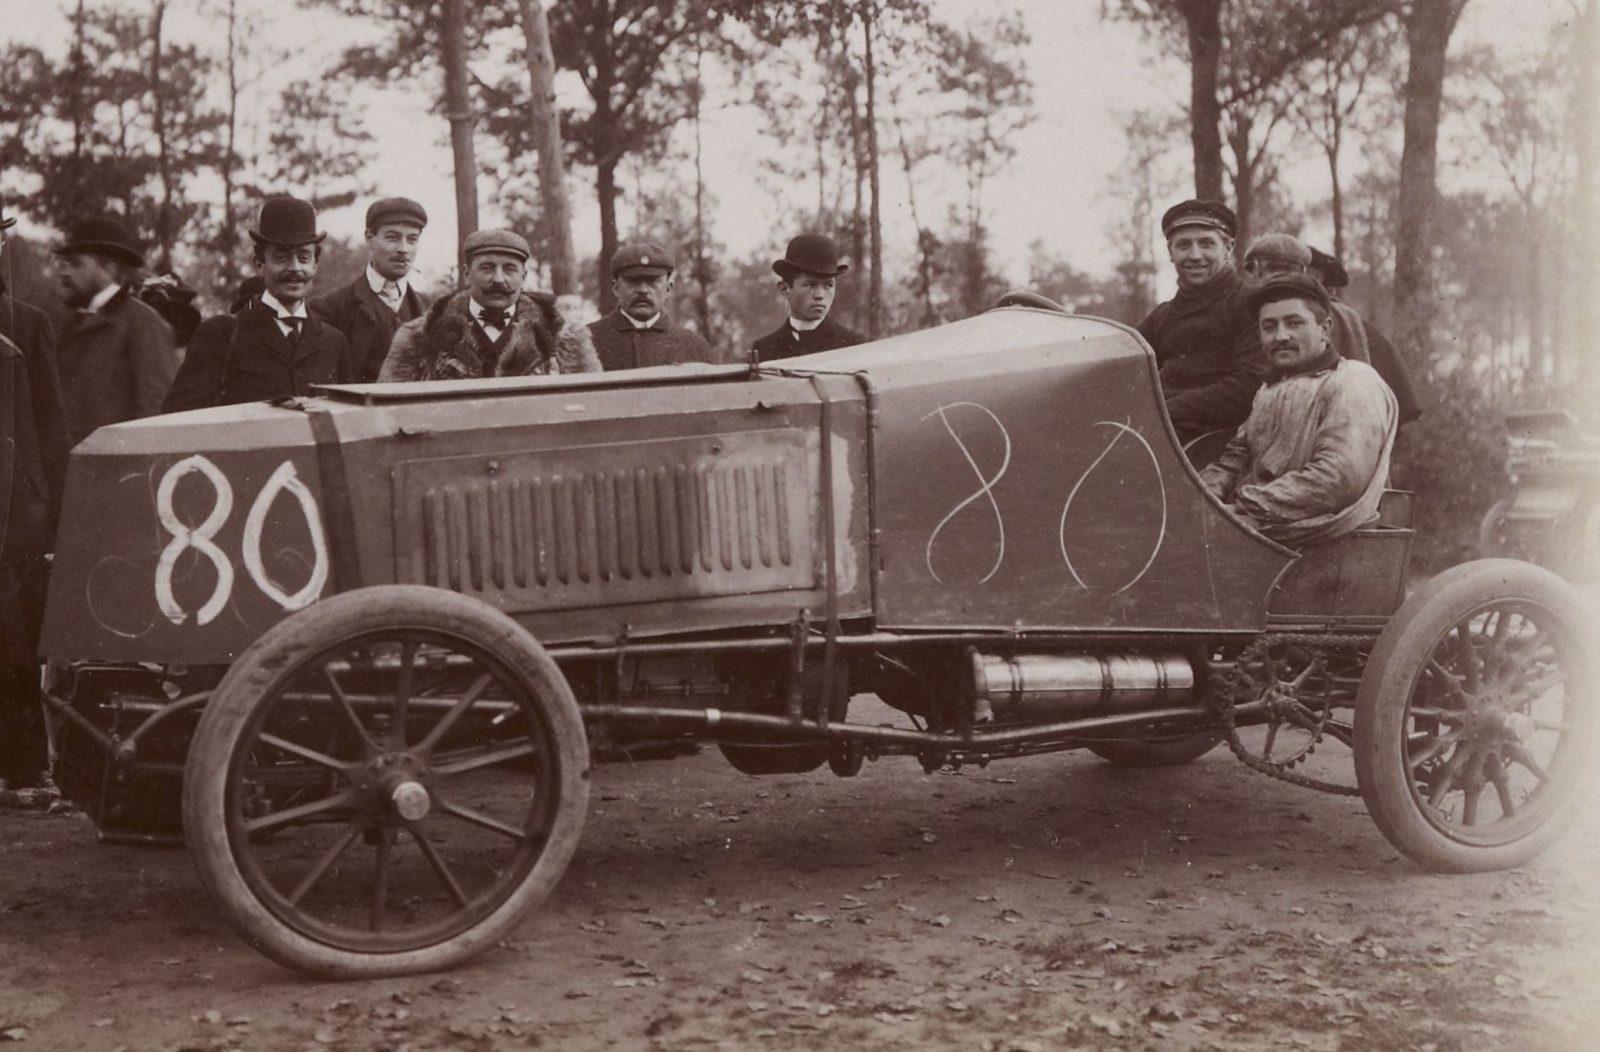 [Collection Jules Beau. Photographie sportive] : T. 24. Années 1903 et 1904 / Jules Beau : F. 3. Kilomètre, Dourdan, organisé par Le Monde Sportif, 5 novembre 1903;